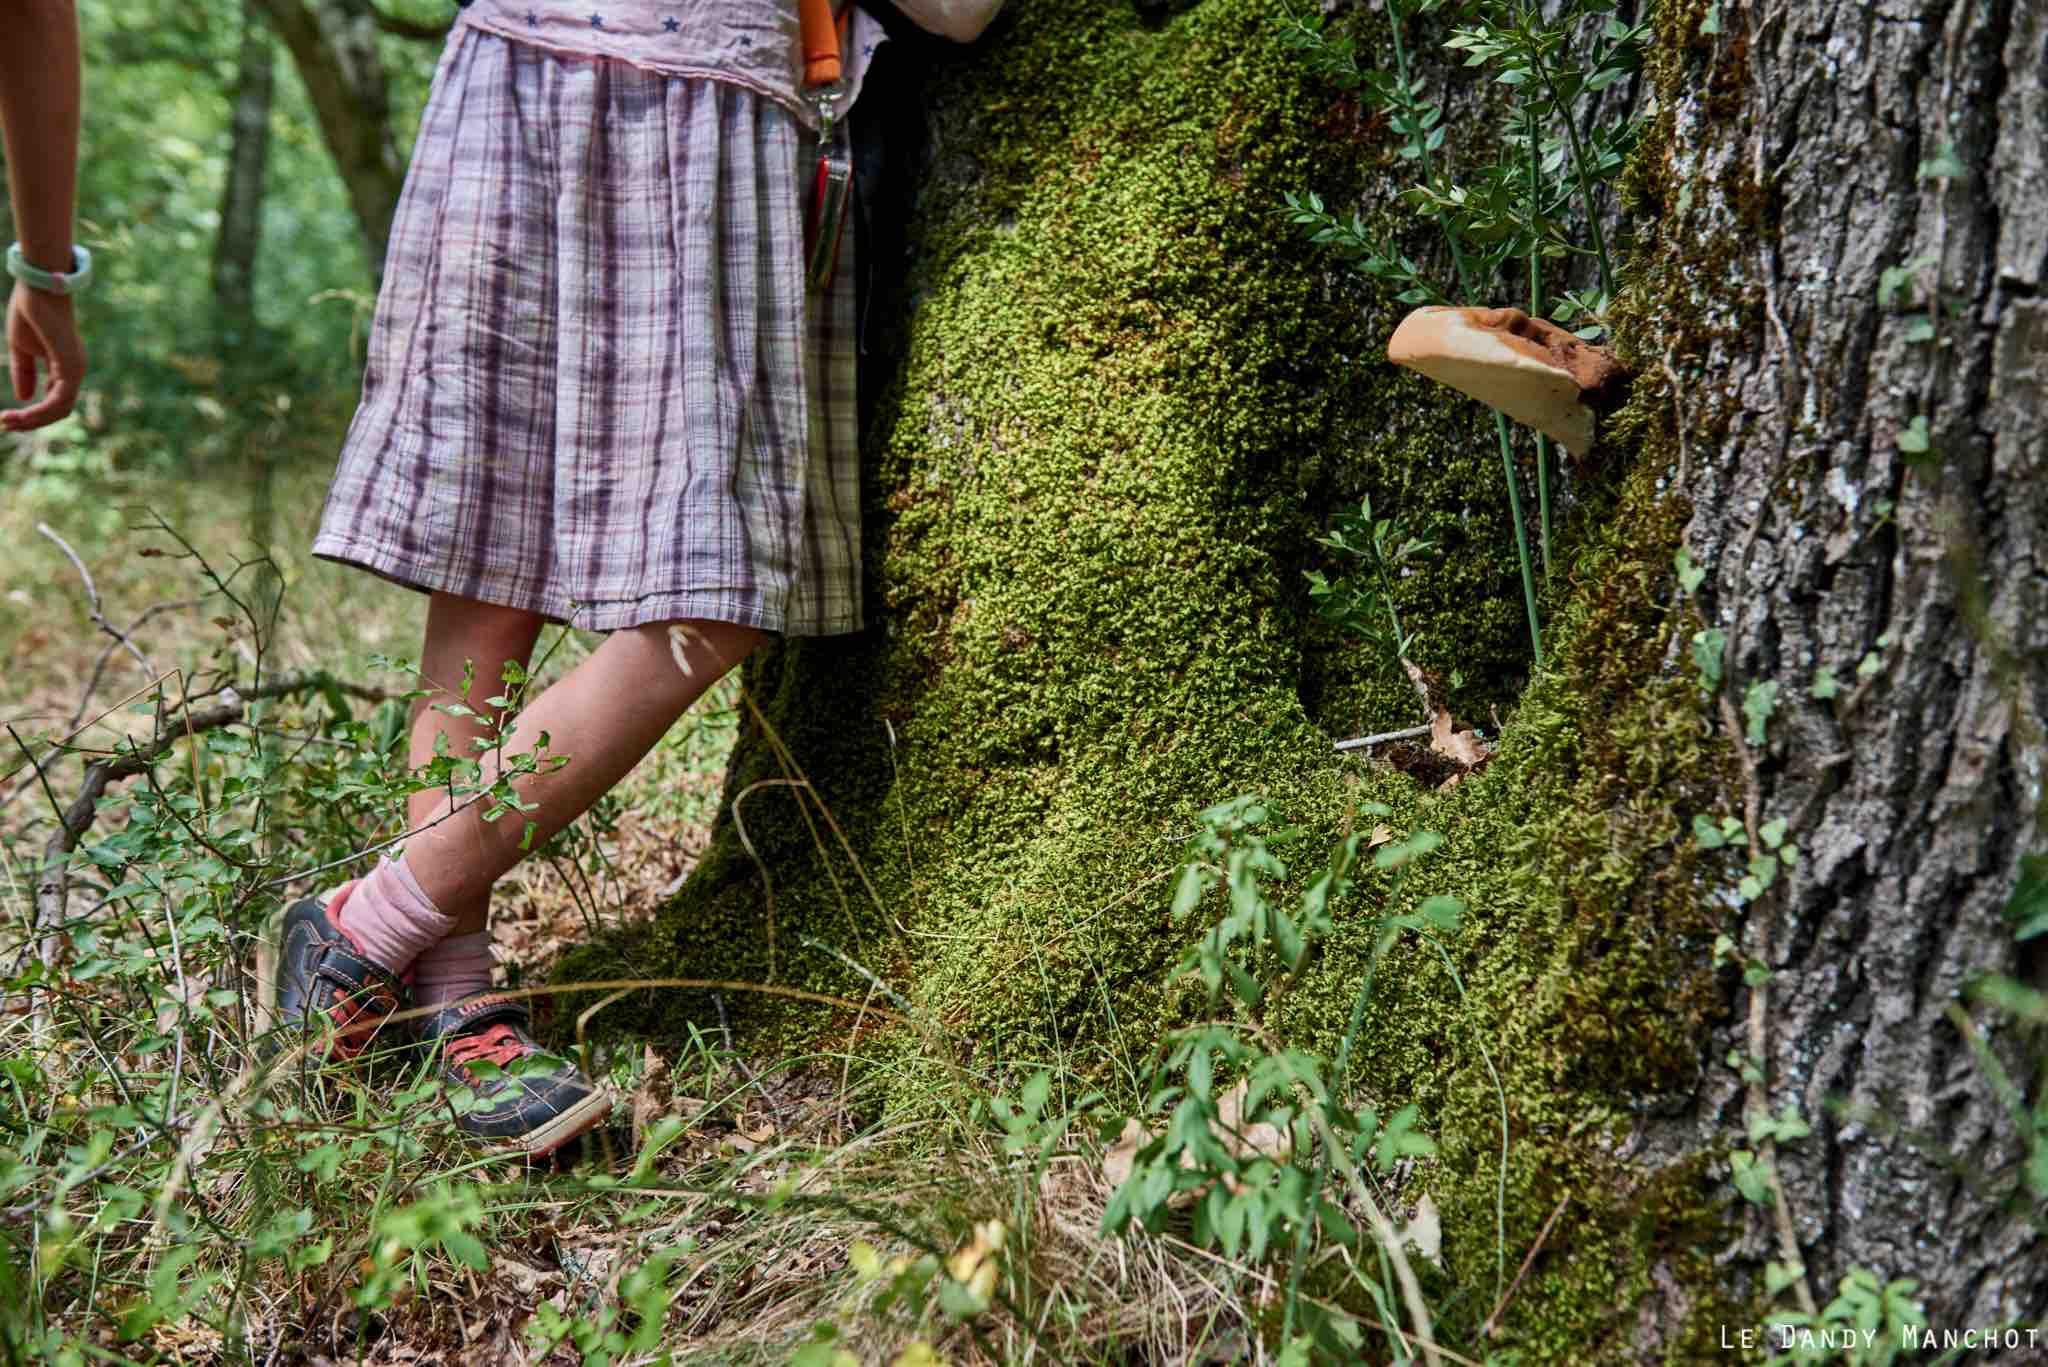 Atelier Promenade en forêt de Grésigne - Fredéric Boyer, Paysan des Couleurs. Le dimanche  05 août 2018. 33è édition du Festival l'Été de Vaour.